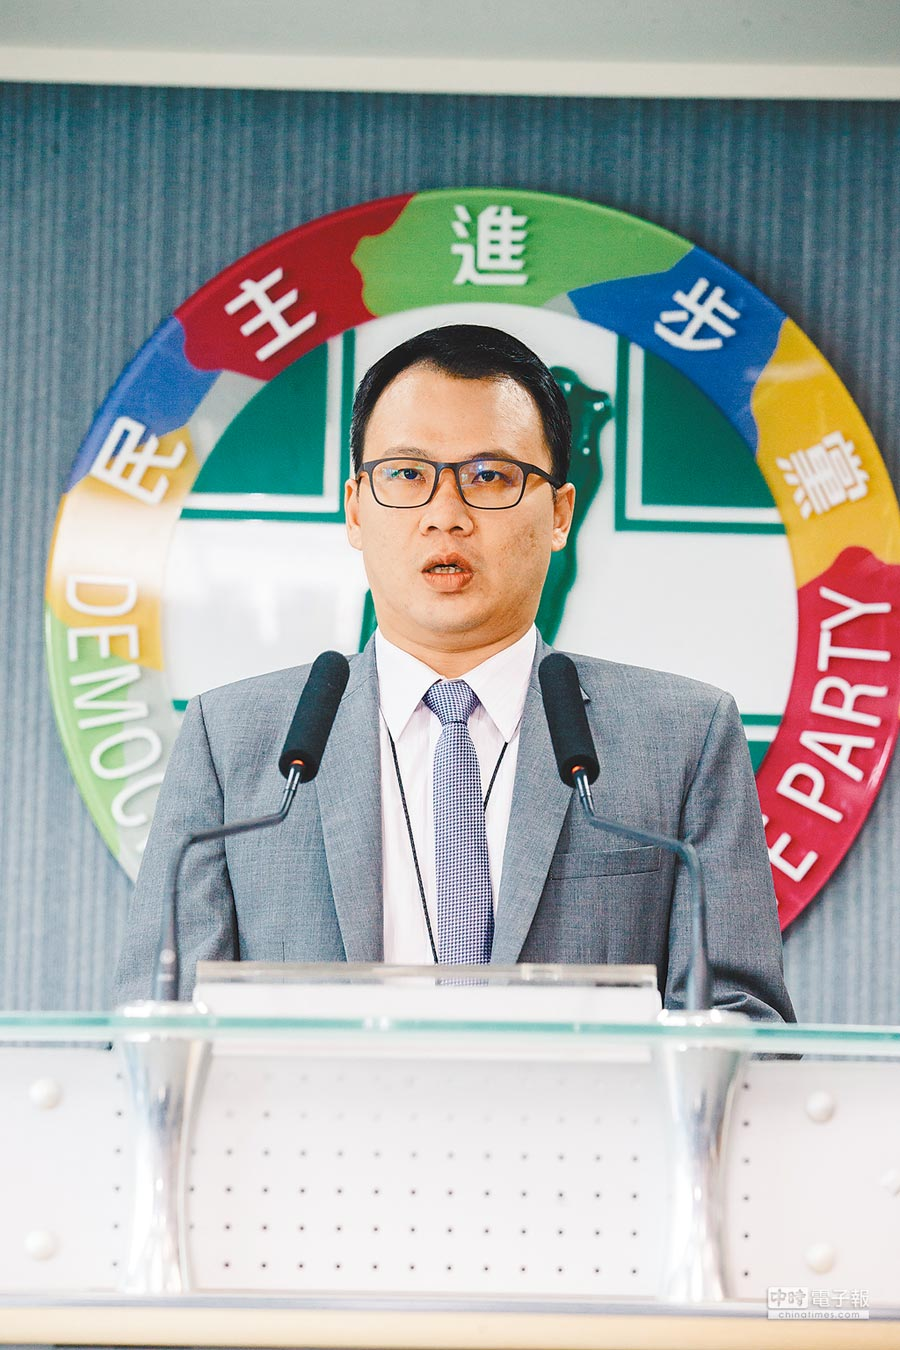 林琮盛2年前任民進黨中國事務部副主任時,曾與大陸旅美學者李毅會面。(本報資料照片)